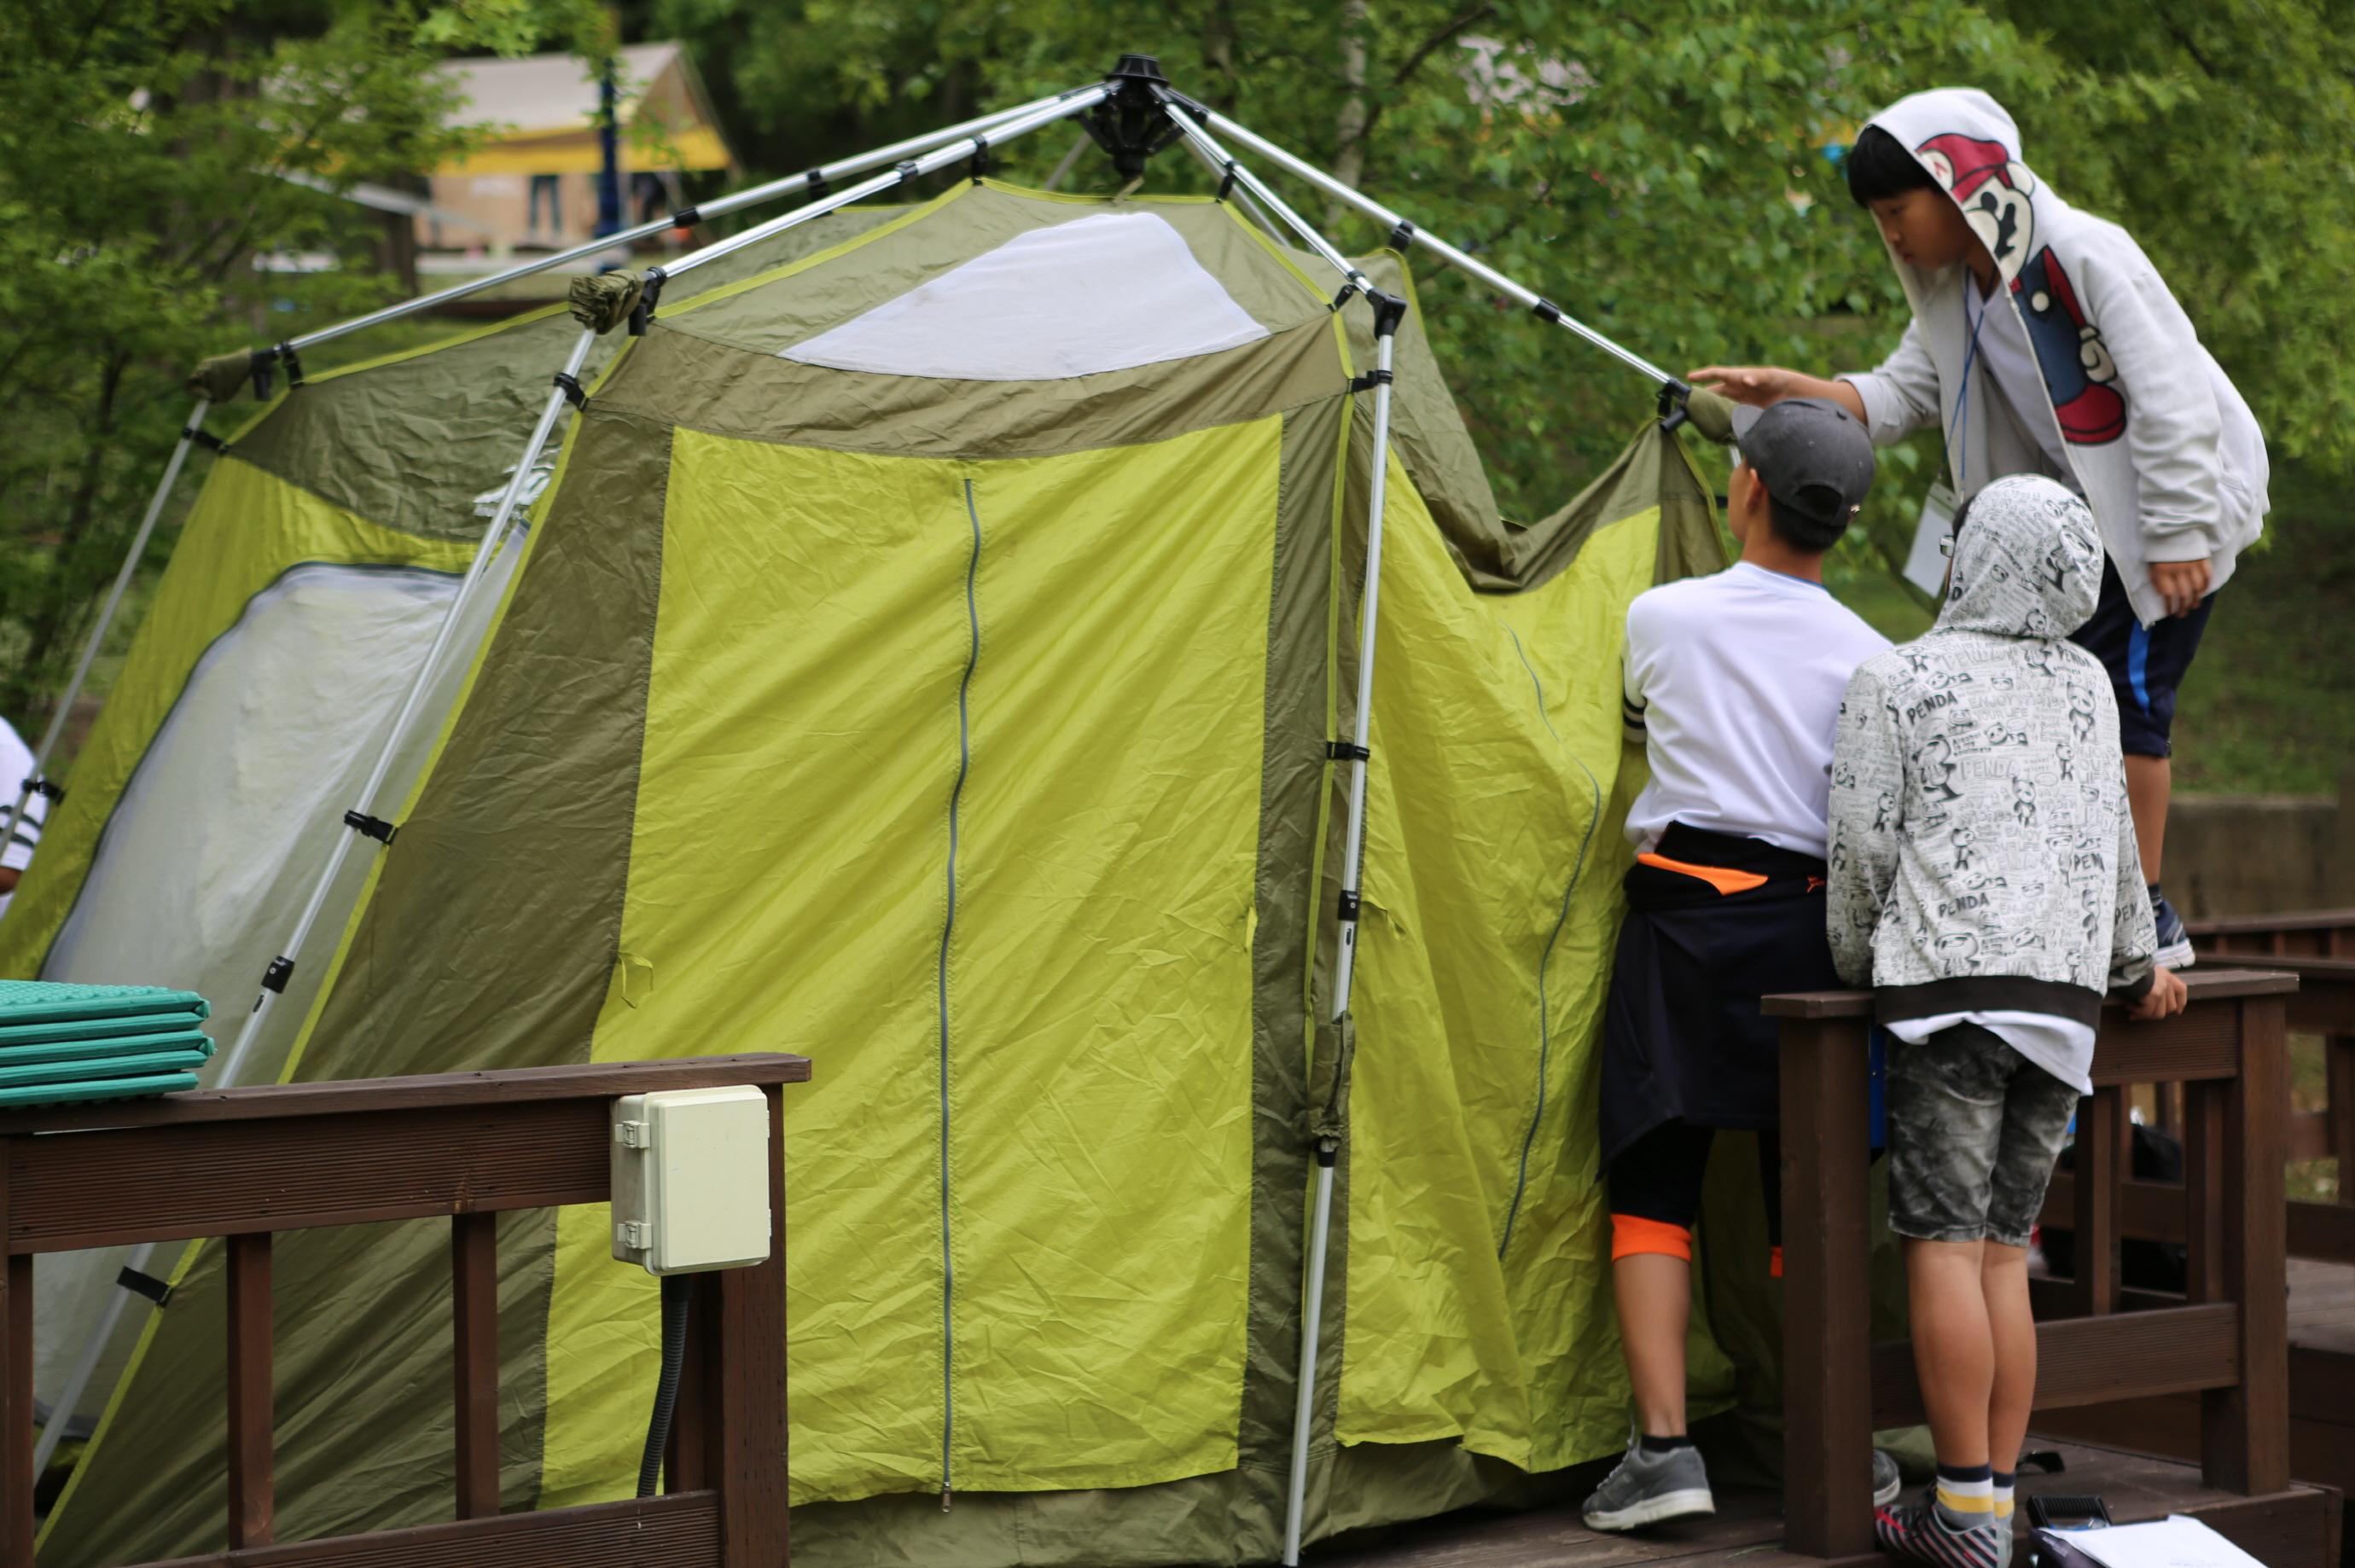 국립평창청소년수련원, 자연과 함께하는 '우리두리한마음 야영캠프' 실시